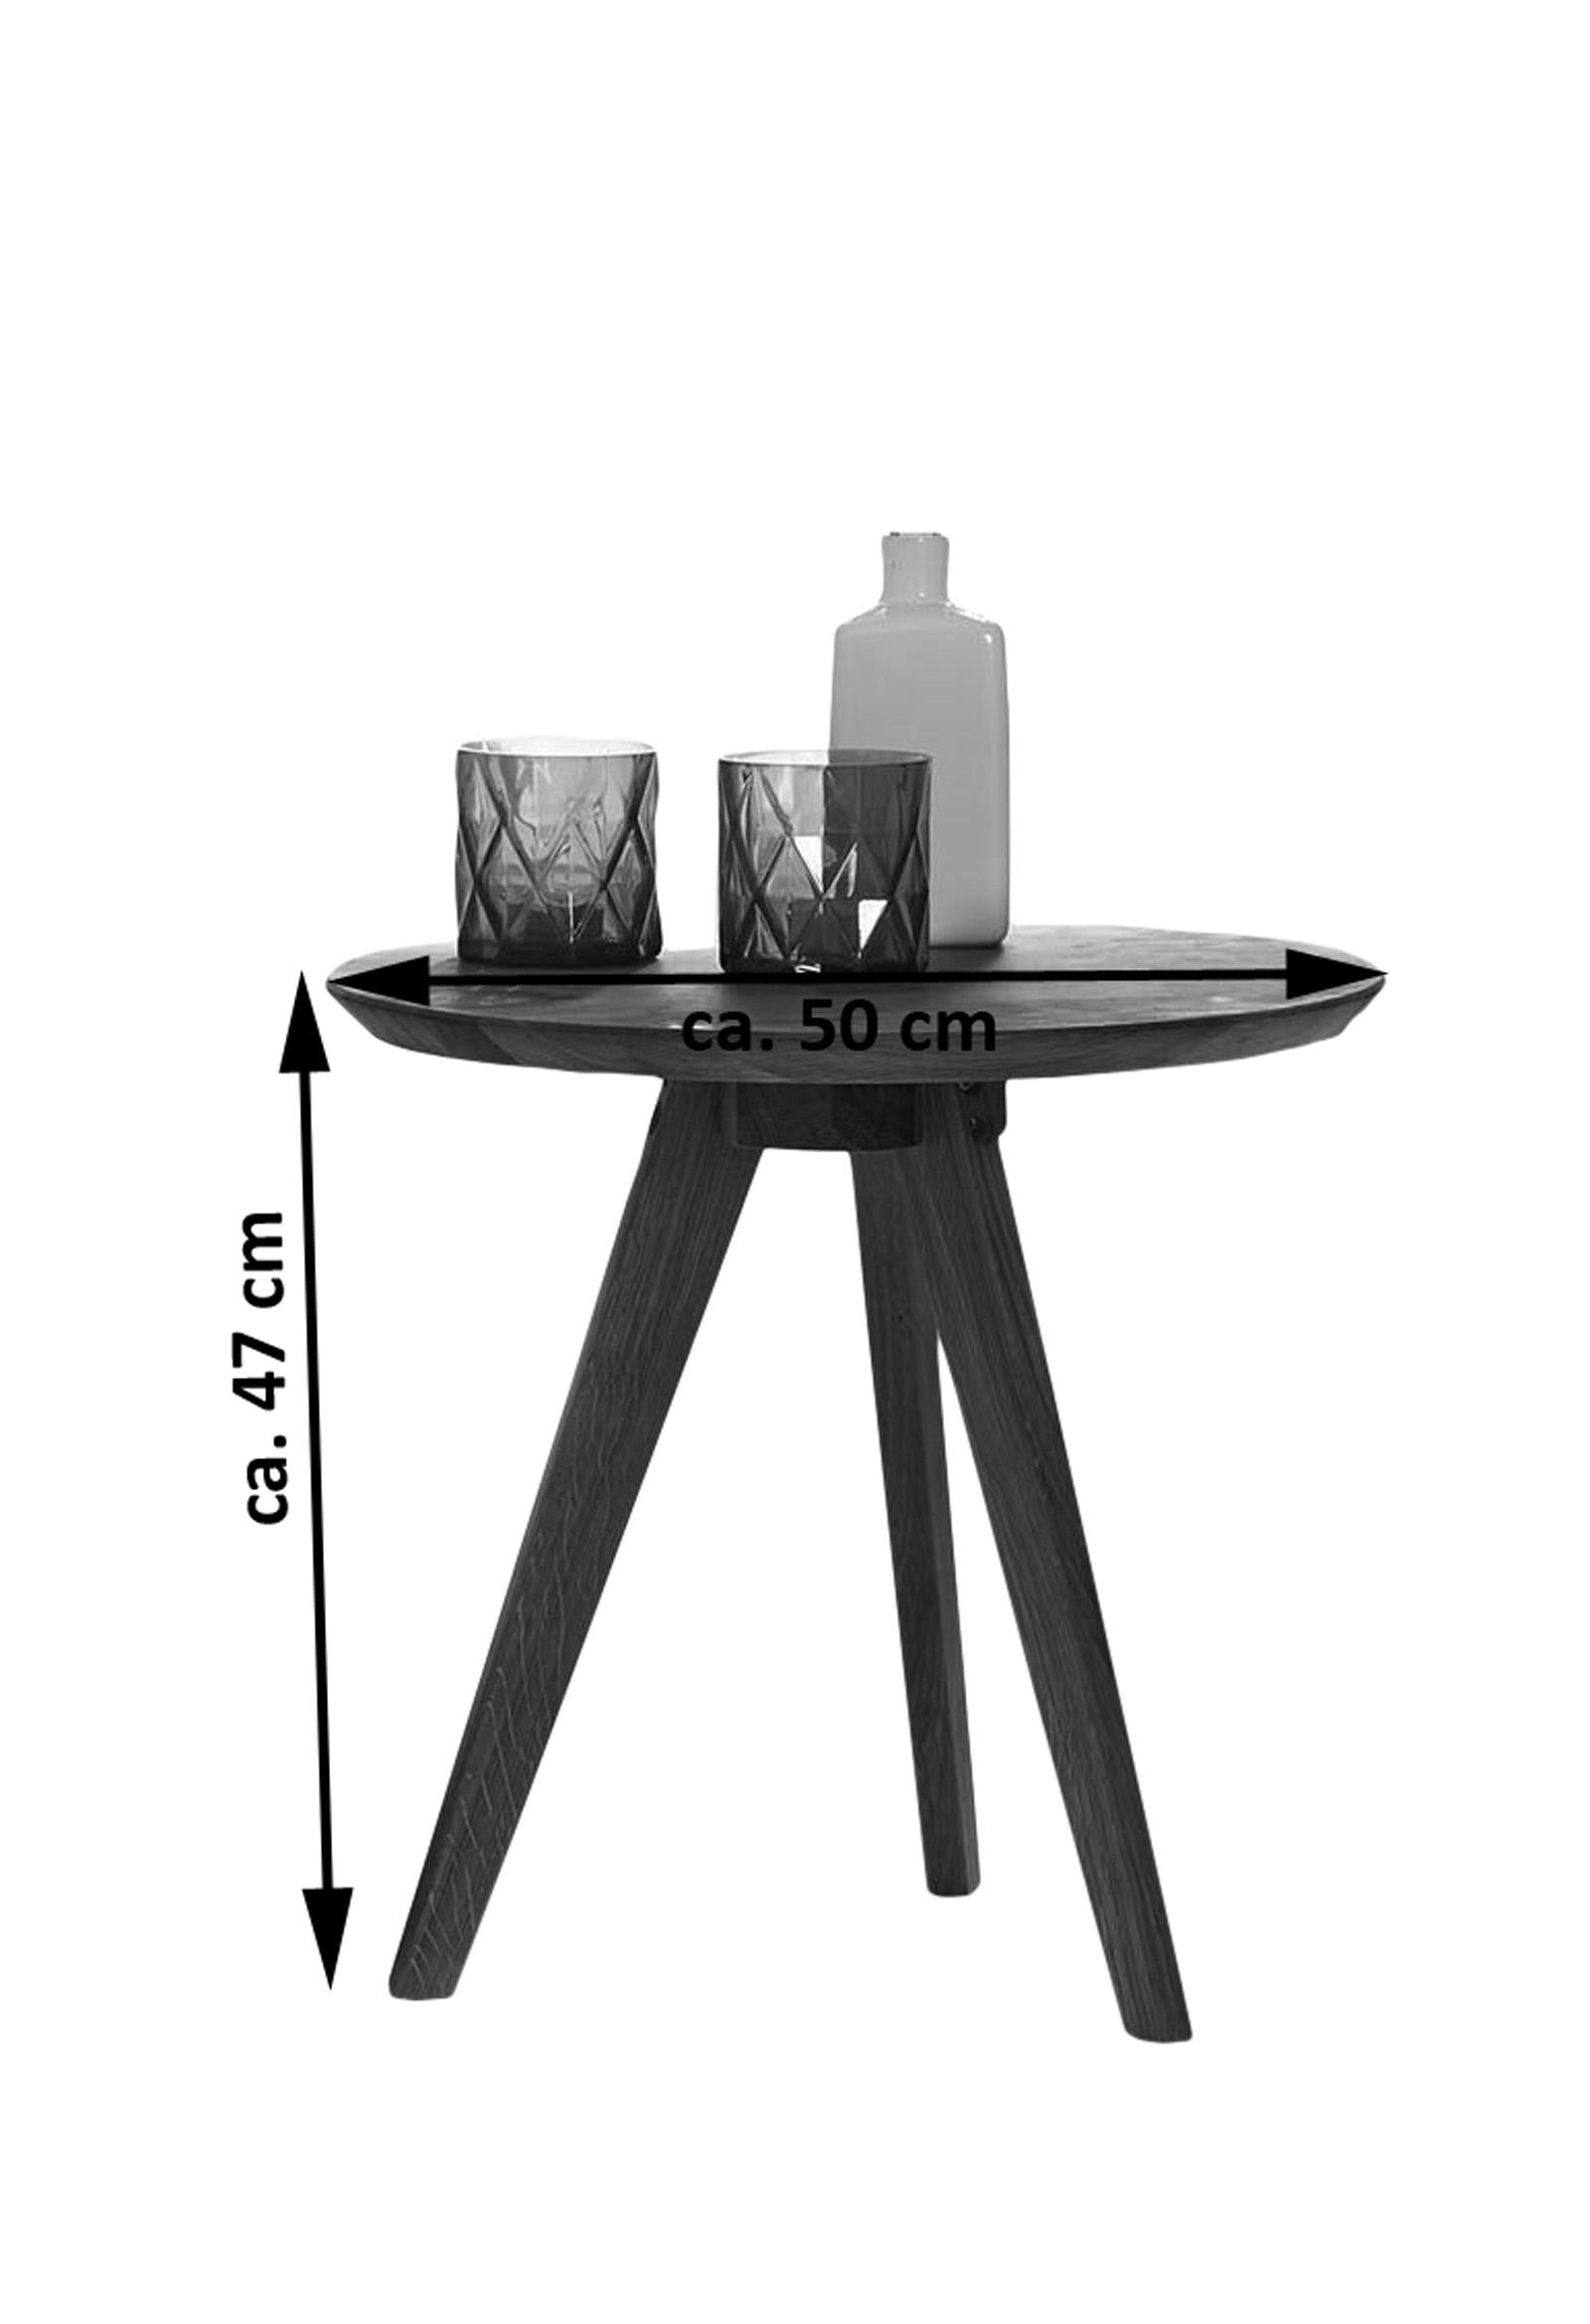 sam couchtisch beistelltisch 50 cm rund massivholz kernbuche olpe. Black Bedroom Furniture Sets. Home Design Ideas